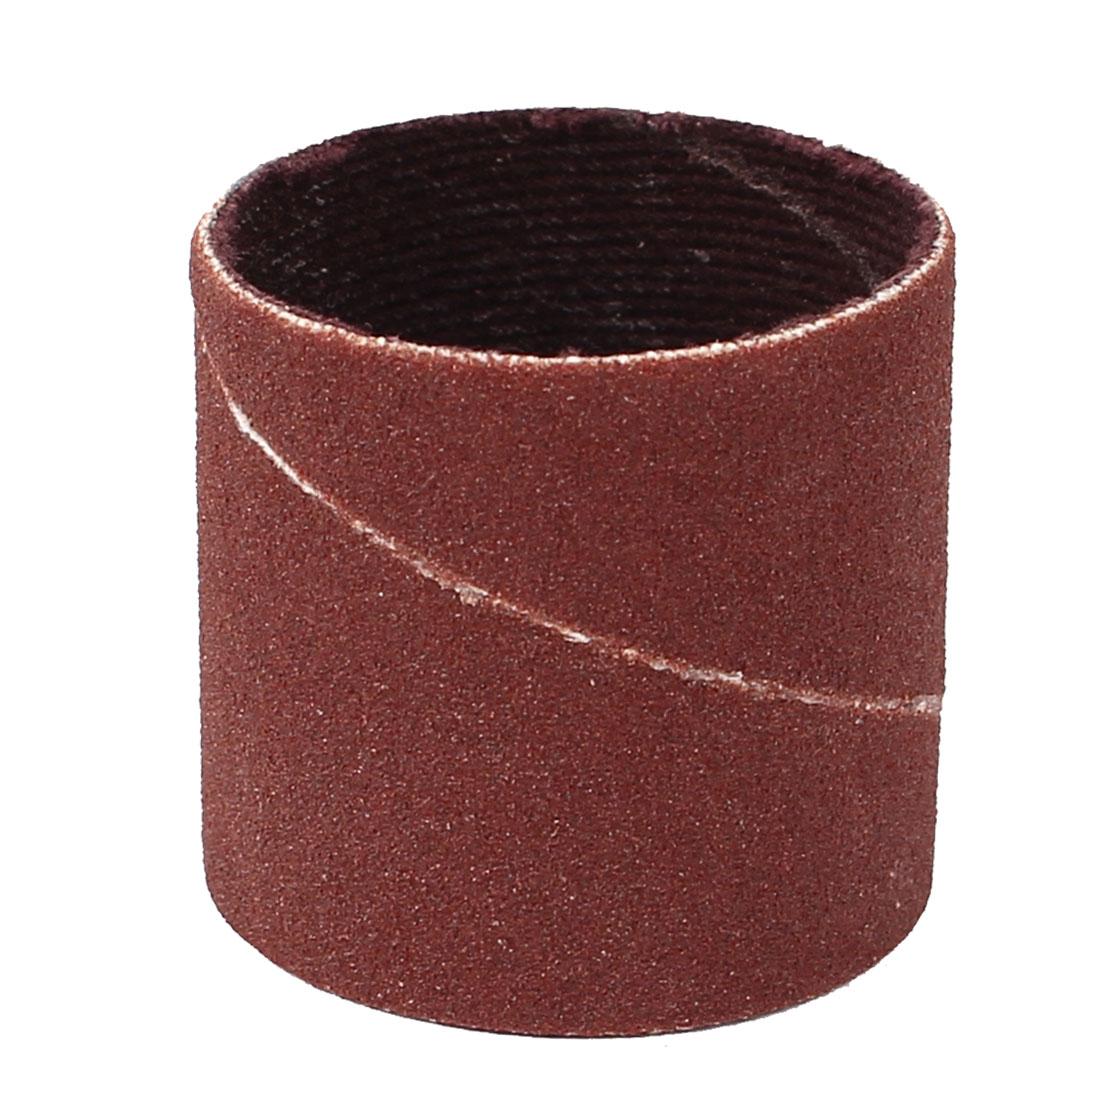 25.4mm Diameter 240 Grit Sanding Drums Abrasive Spiral Band Sleeves Rolls